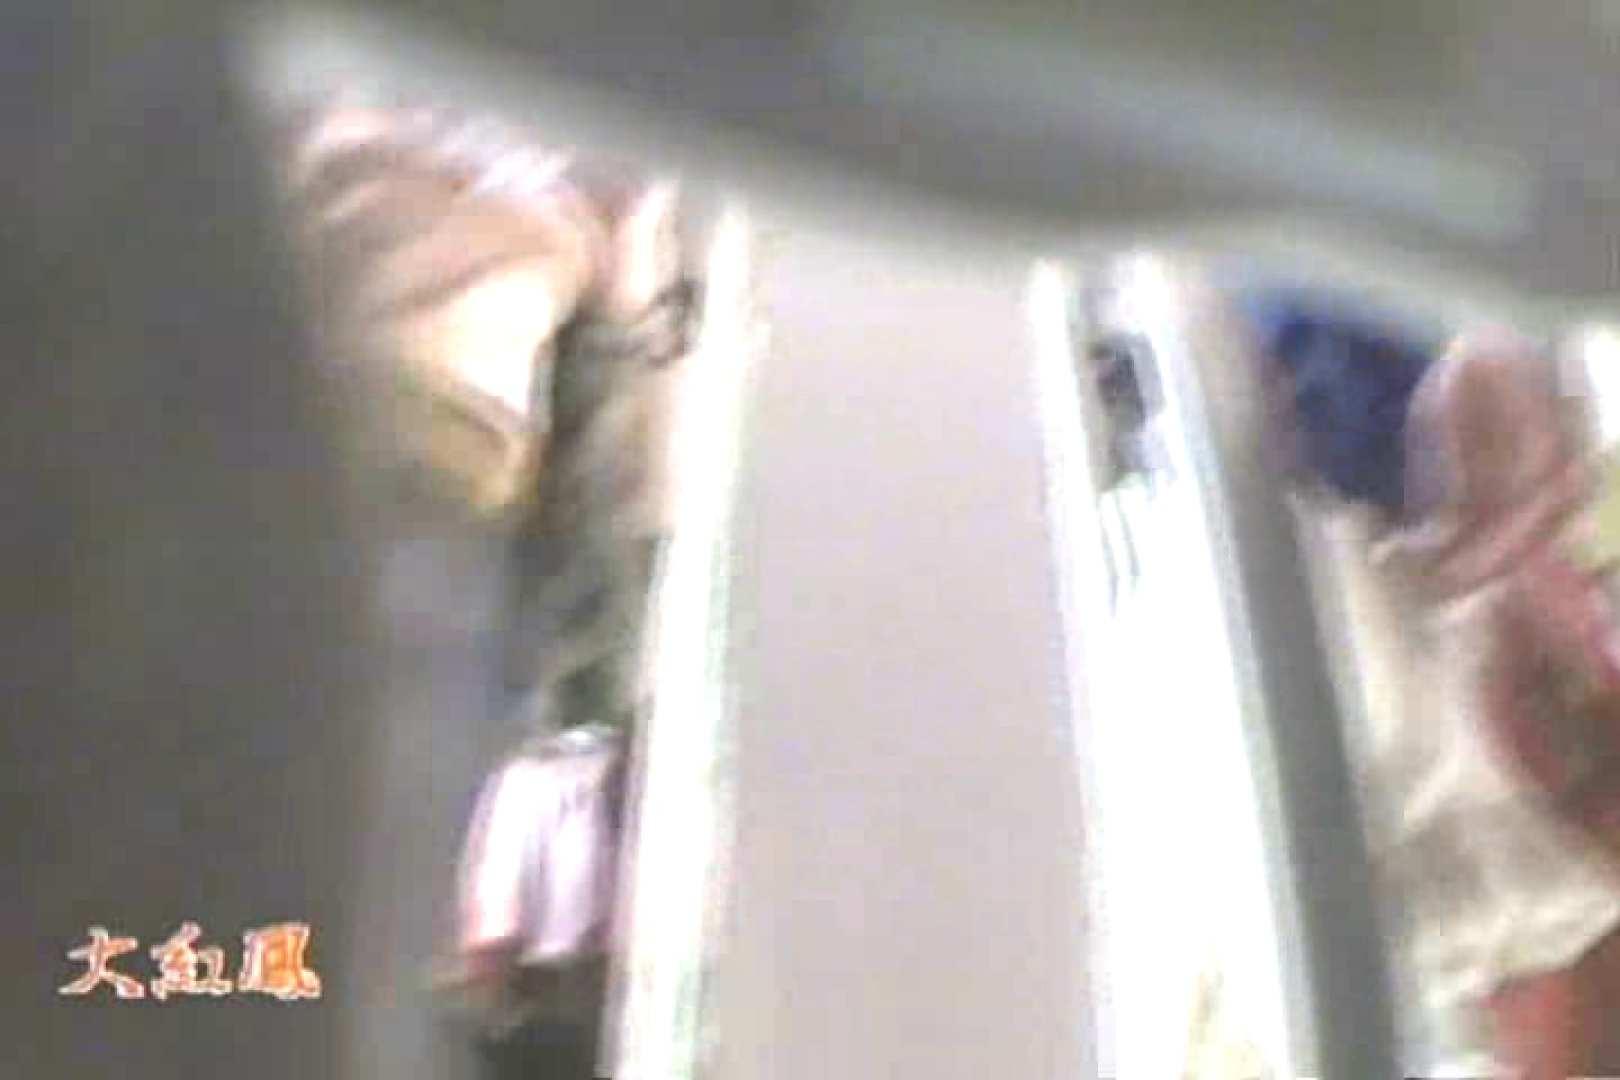 究極カリスマショップ逆さ撮り 完全保存版02 盗撮 のぞき動画画像 58PIX 10